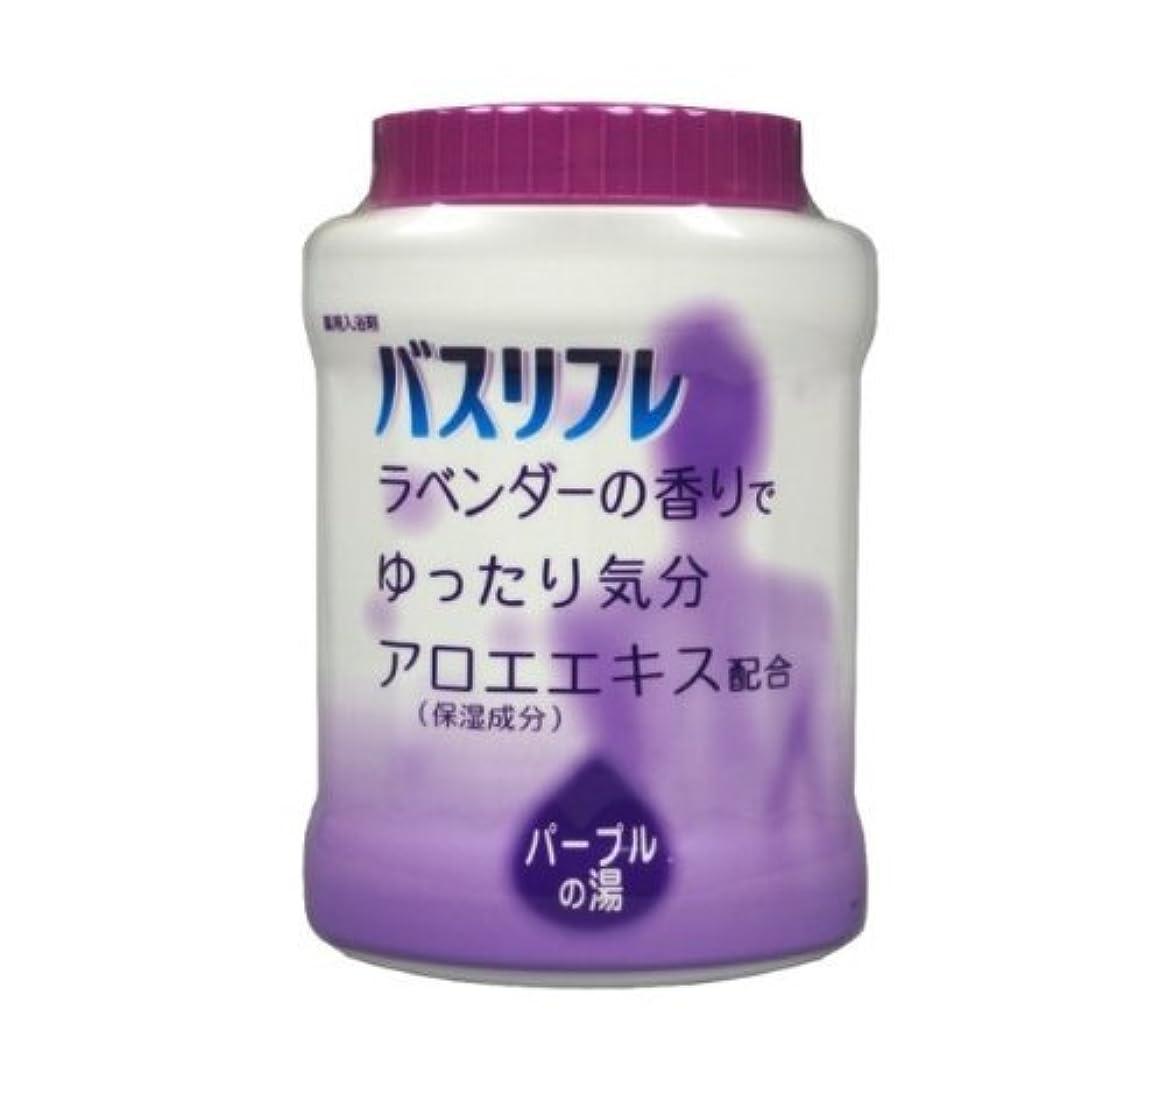 ノーブル洋服試みるバスリフレ 薬用入浴剤 ラベンダーの香り 680G Japan